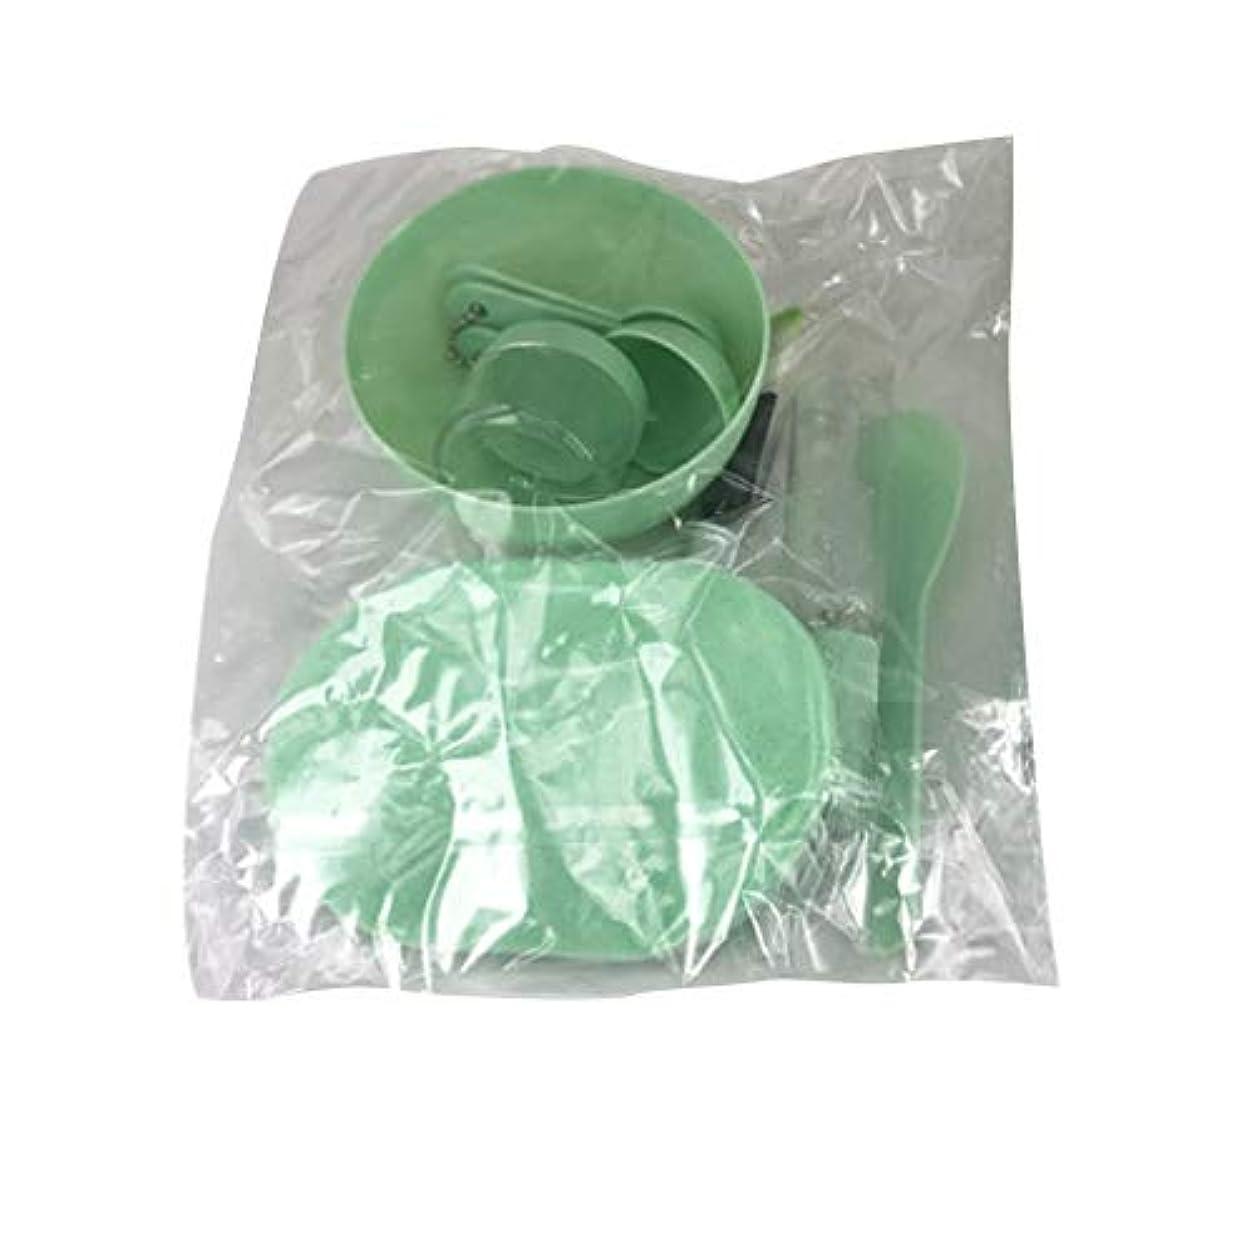 Nerhaily 美容パック用道具 マスクツール プラスチックボウル メイクアップツール フェイシャルマスクツール 9点セット DIY用品 スライム用ボウル サロン用具 全3色あり